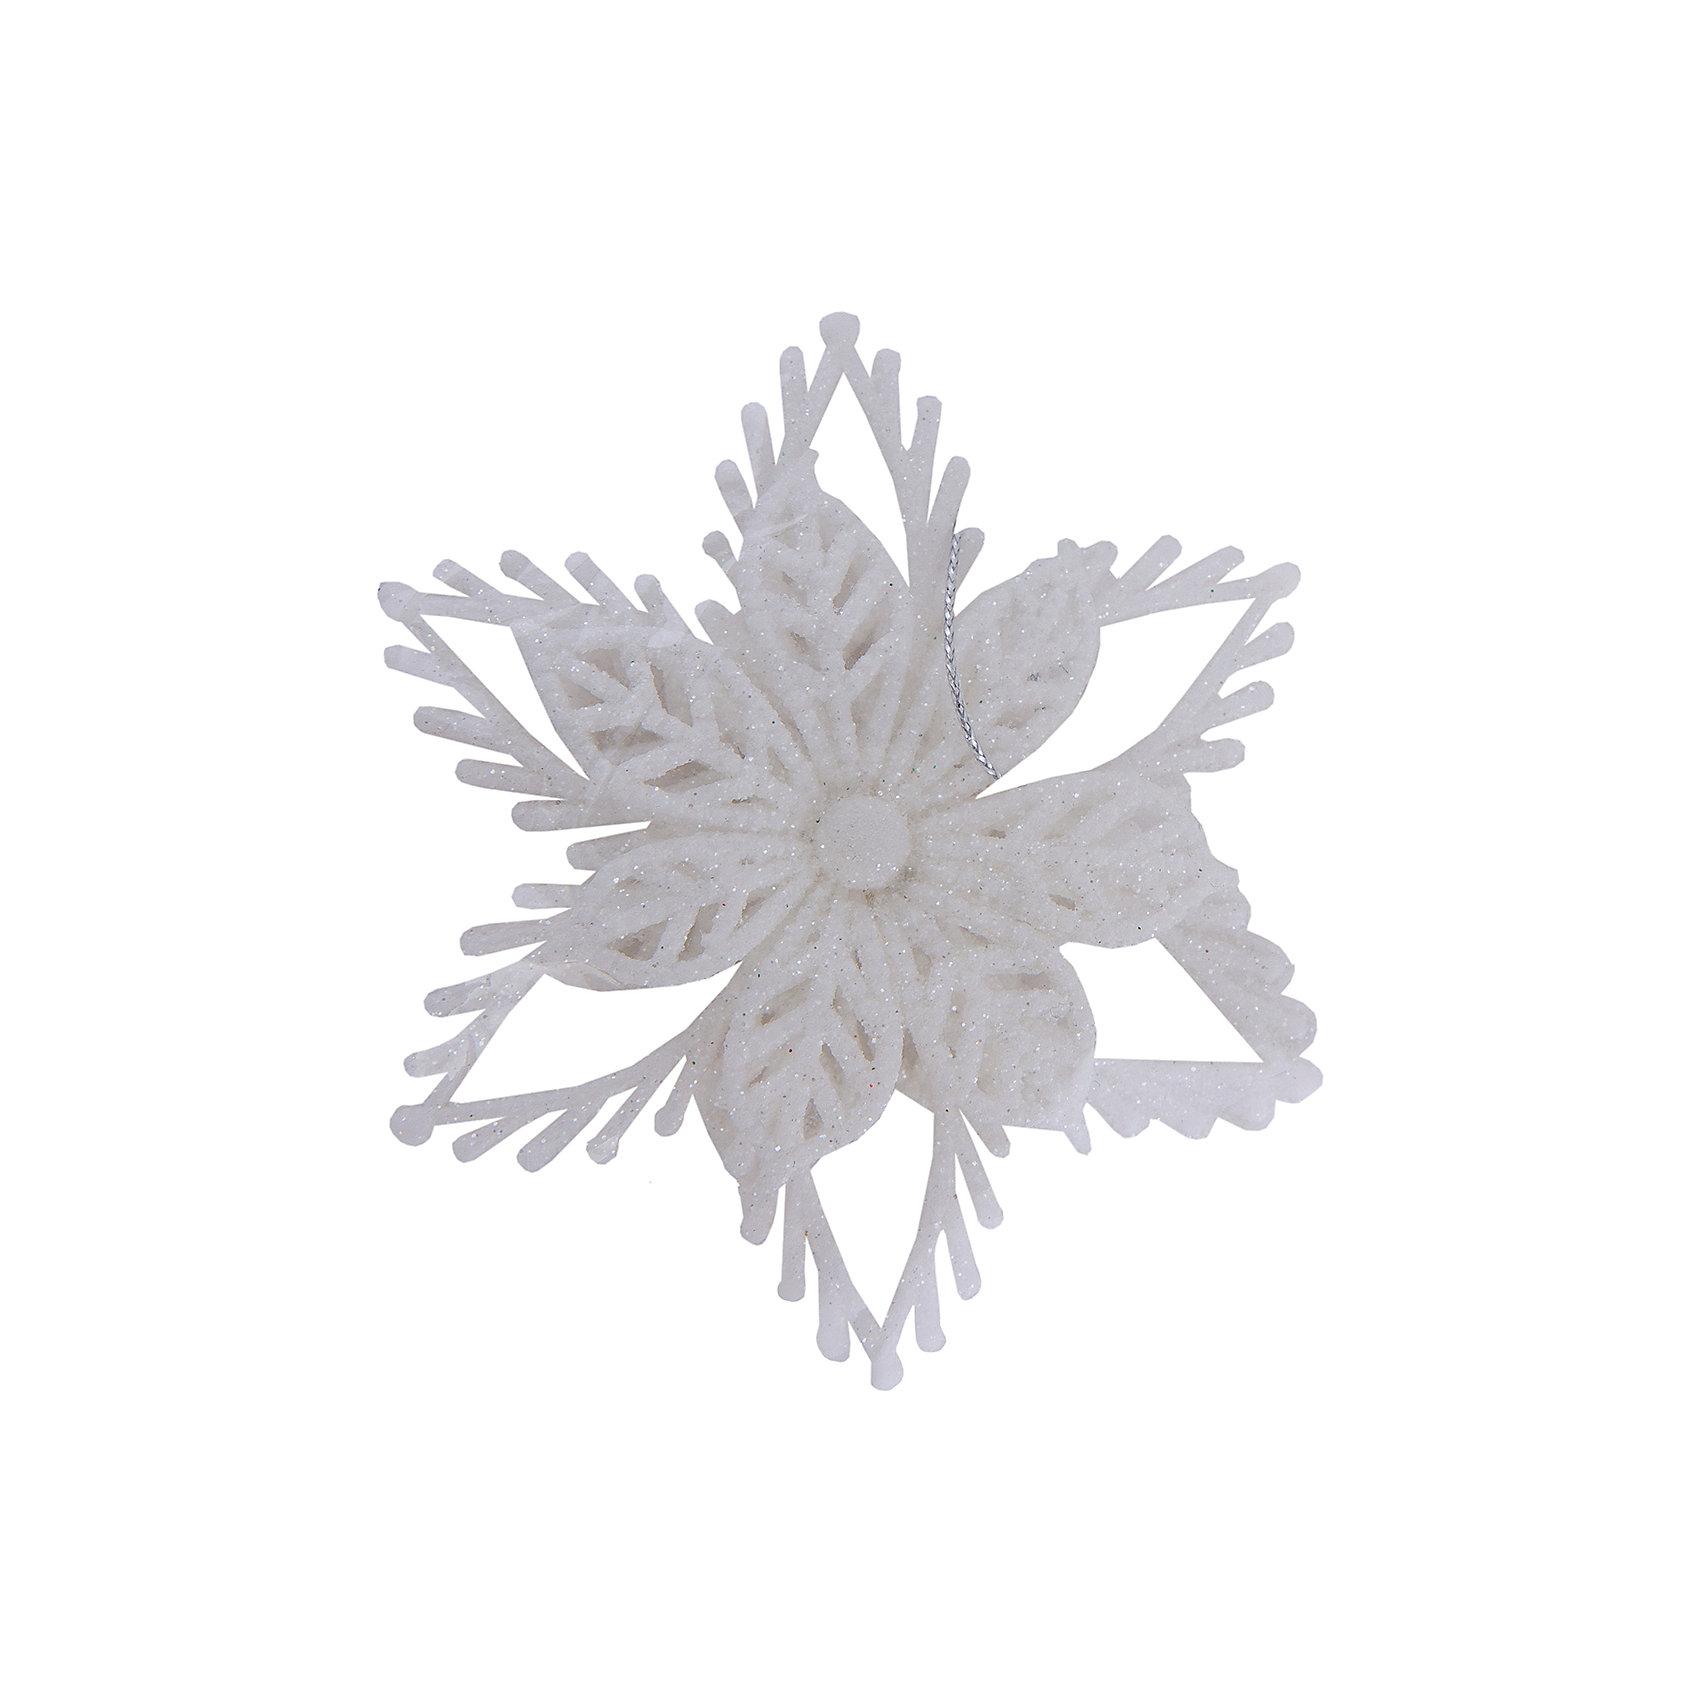 Декоративное подвесное украшение из пластика в глиттере Звезда объемнаяХарактеристики товара:<br><br>• материал: полистоун<br>• не бьётся<br>• в глиттере<br>• комплектация: 1 шт<br>• с подвесом<br>• для украшения интерьера или ёлки<br>• страна производства: Китай<br><br>Украшение ёлки и интерьера - любимое занятие детей и взрослых. Новогодний антураж трудно представить без сияющих подвесных украшений! Это изделие будет хорошо смотреться в окружении любой цветовой гаммы, оно качественно выполнено и нарядно выглядит. С помощью него можно оригинально декорировать квартиру к празднику или украсить ёлку, причем участвовать могут даже малыши - украшение не разобьется.<br>Такие небольшие детали и создают праздник! От них во многом зависит хорошее новогоднее настроение. Изделие производится из качественных сертифицированных материалов, безопасных даже для самых маленьких.<br><br>Декоративное подвесное украшение из пластика в глиттере Звезда объемная можно купить в нашем интернет-магазине.<br><br>Ширина мм: 100<br>Глубина мм: 100<br>Высота мм: 30<br>Вес г: 50<br>Возраст от месяцев: 72<br>Возраст до месяцев: 480<br>Пол: Унисекс<br>Возраст: Детский<br>SKU: 5051728